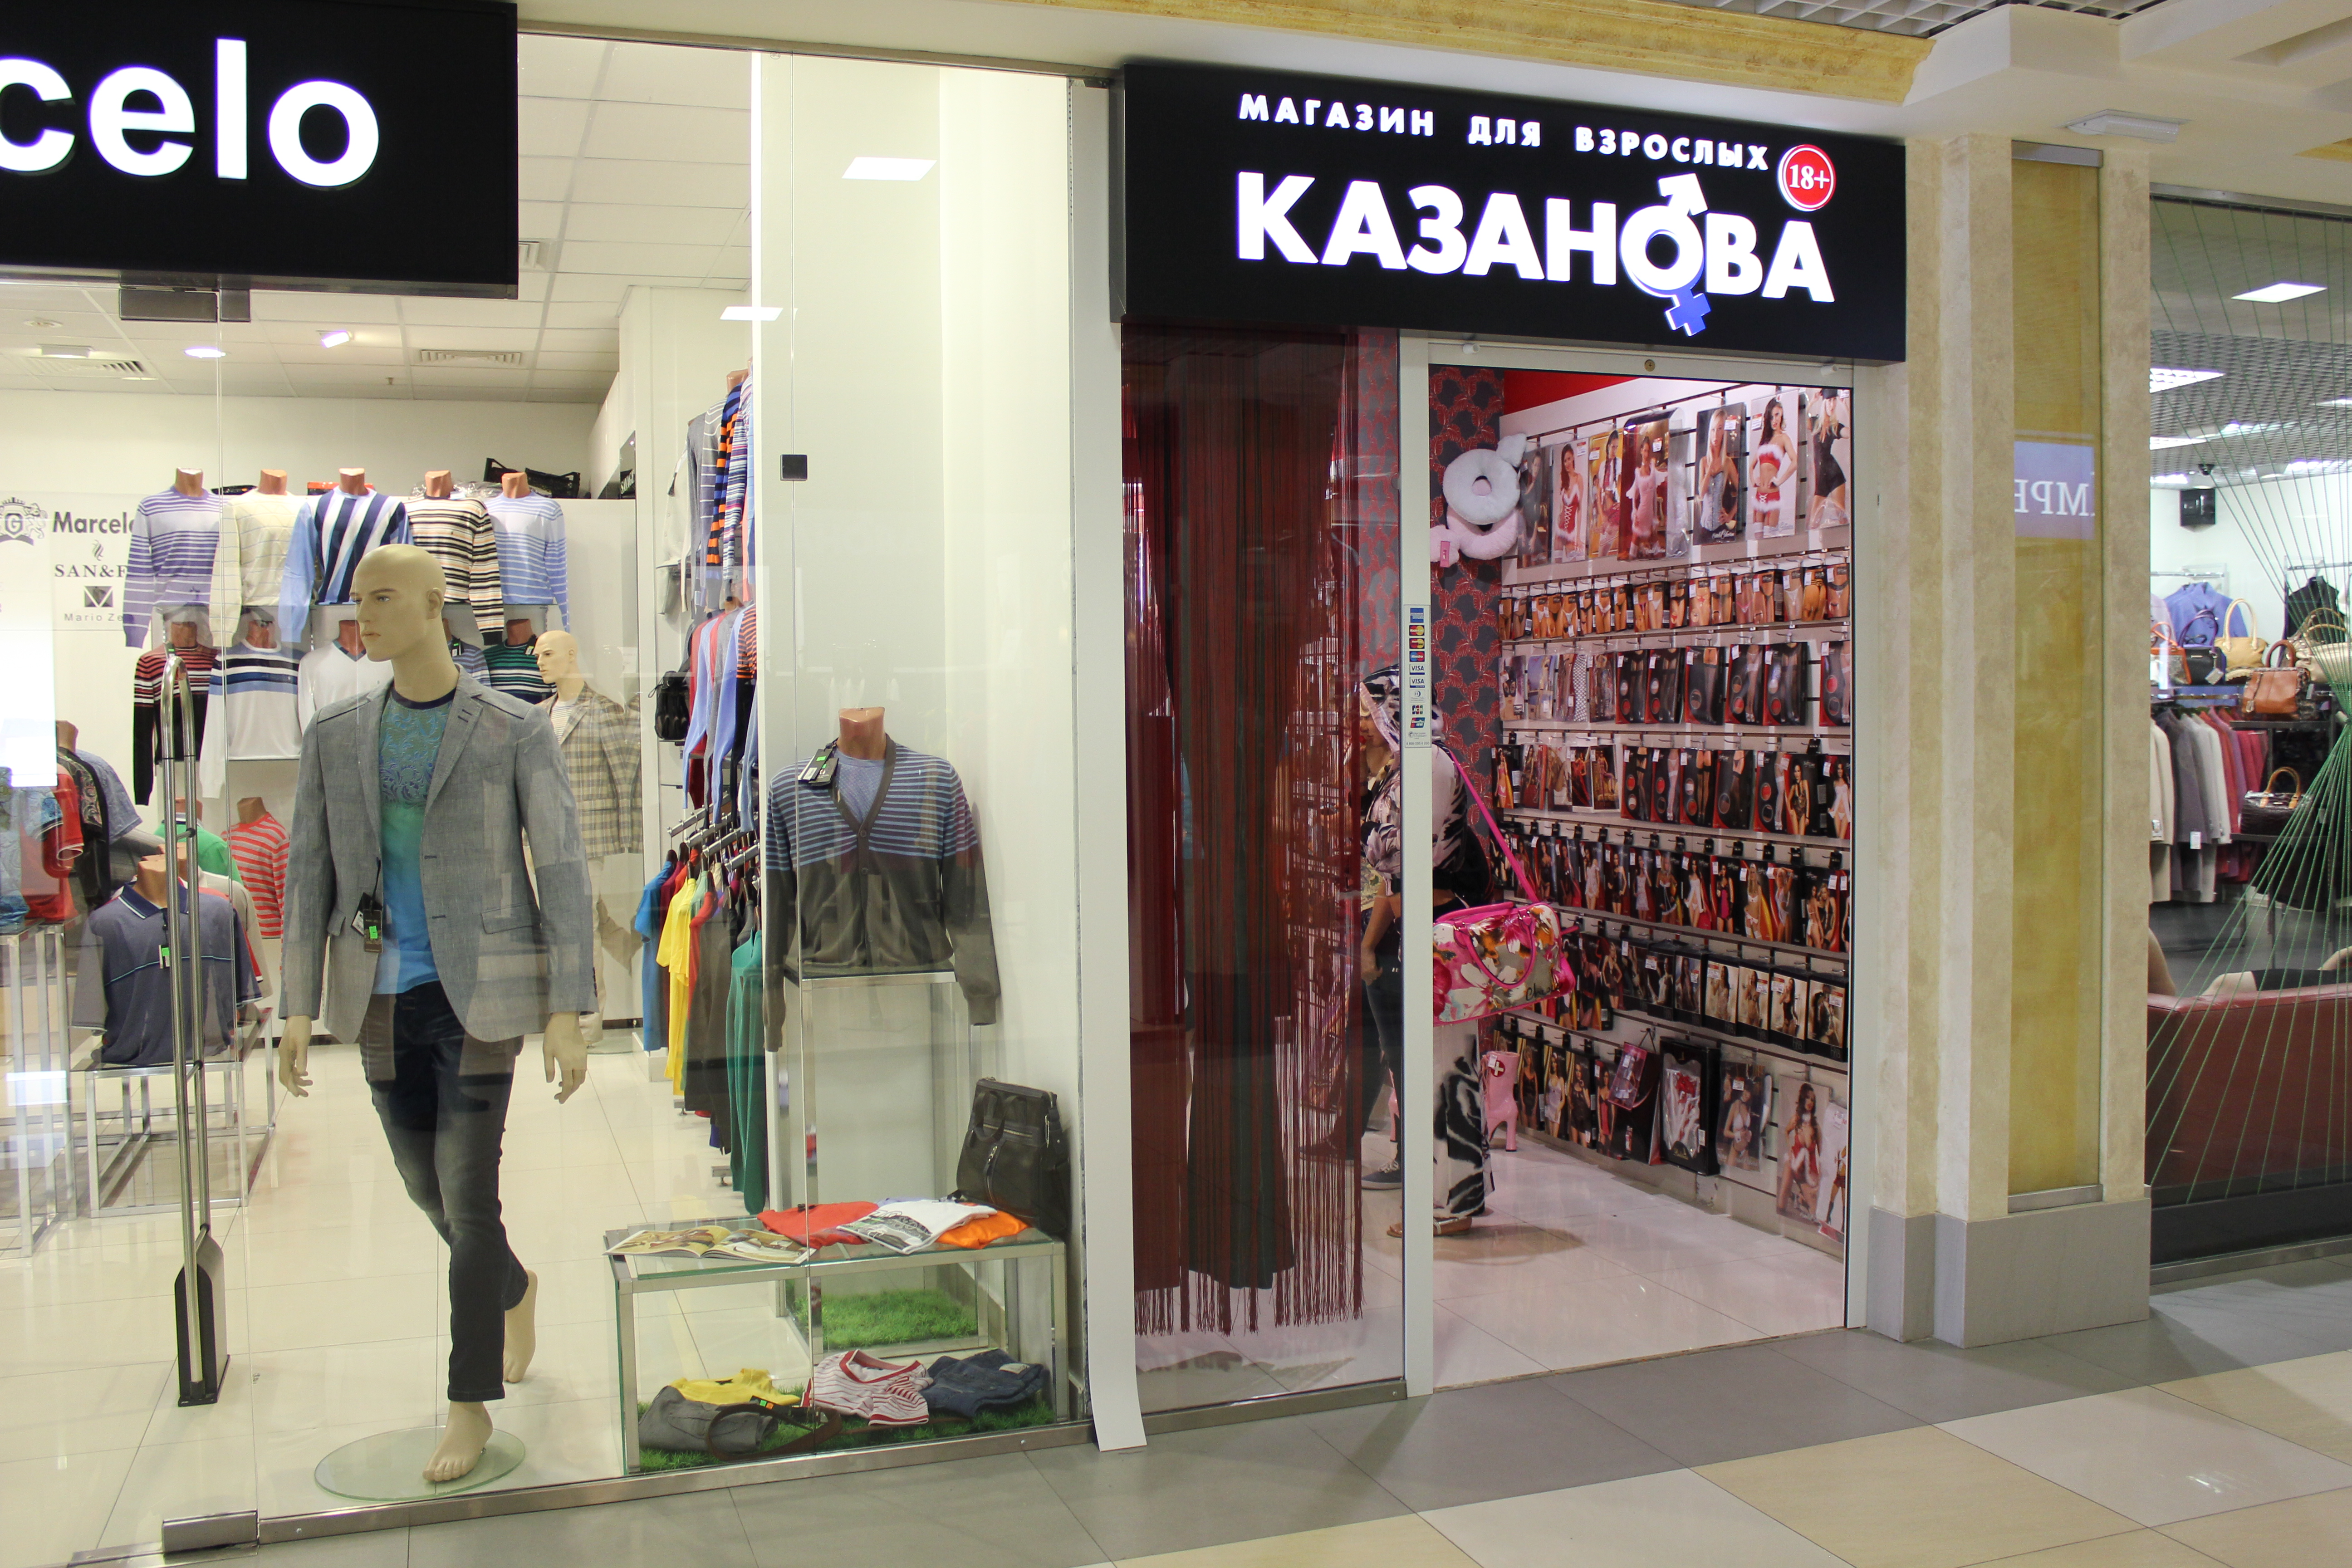 Интим магазины нижнего новгорода фотки силиконовых